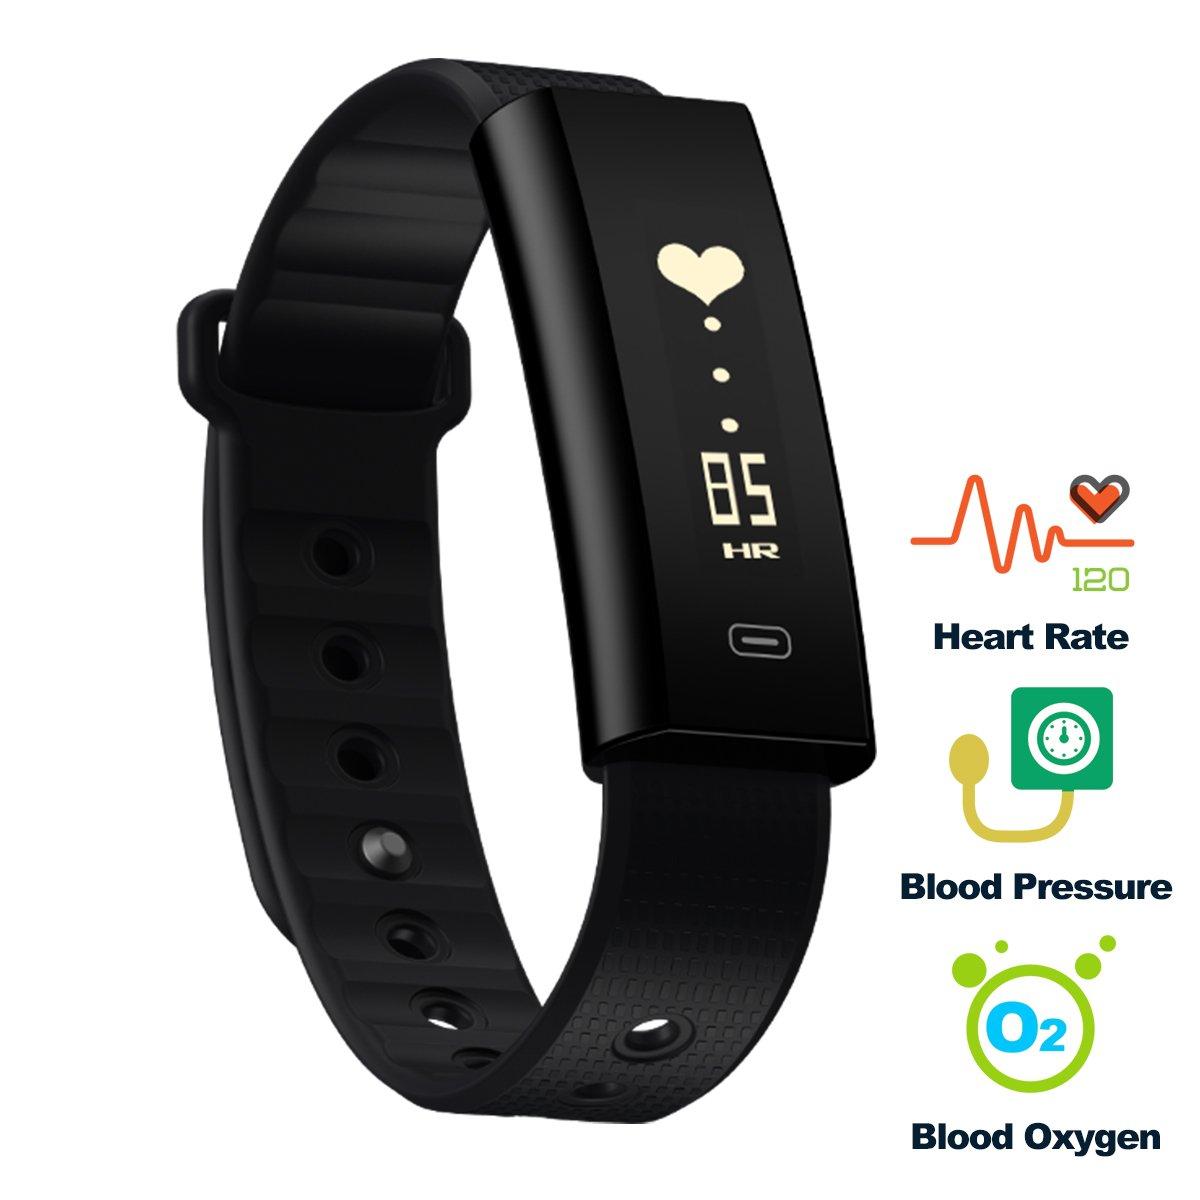 Pulsera de Actividad, Hizek Smartband Bluetooth 4.0 IP67 Rastreador de monitorización de frecuencia cardíaca resistente al agua Pulsera inteligente ...